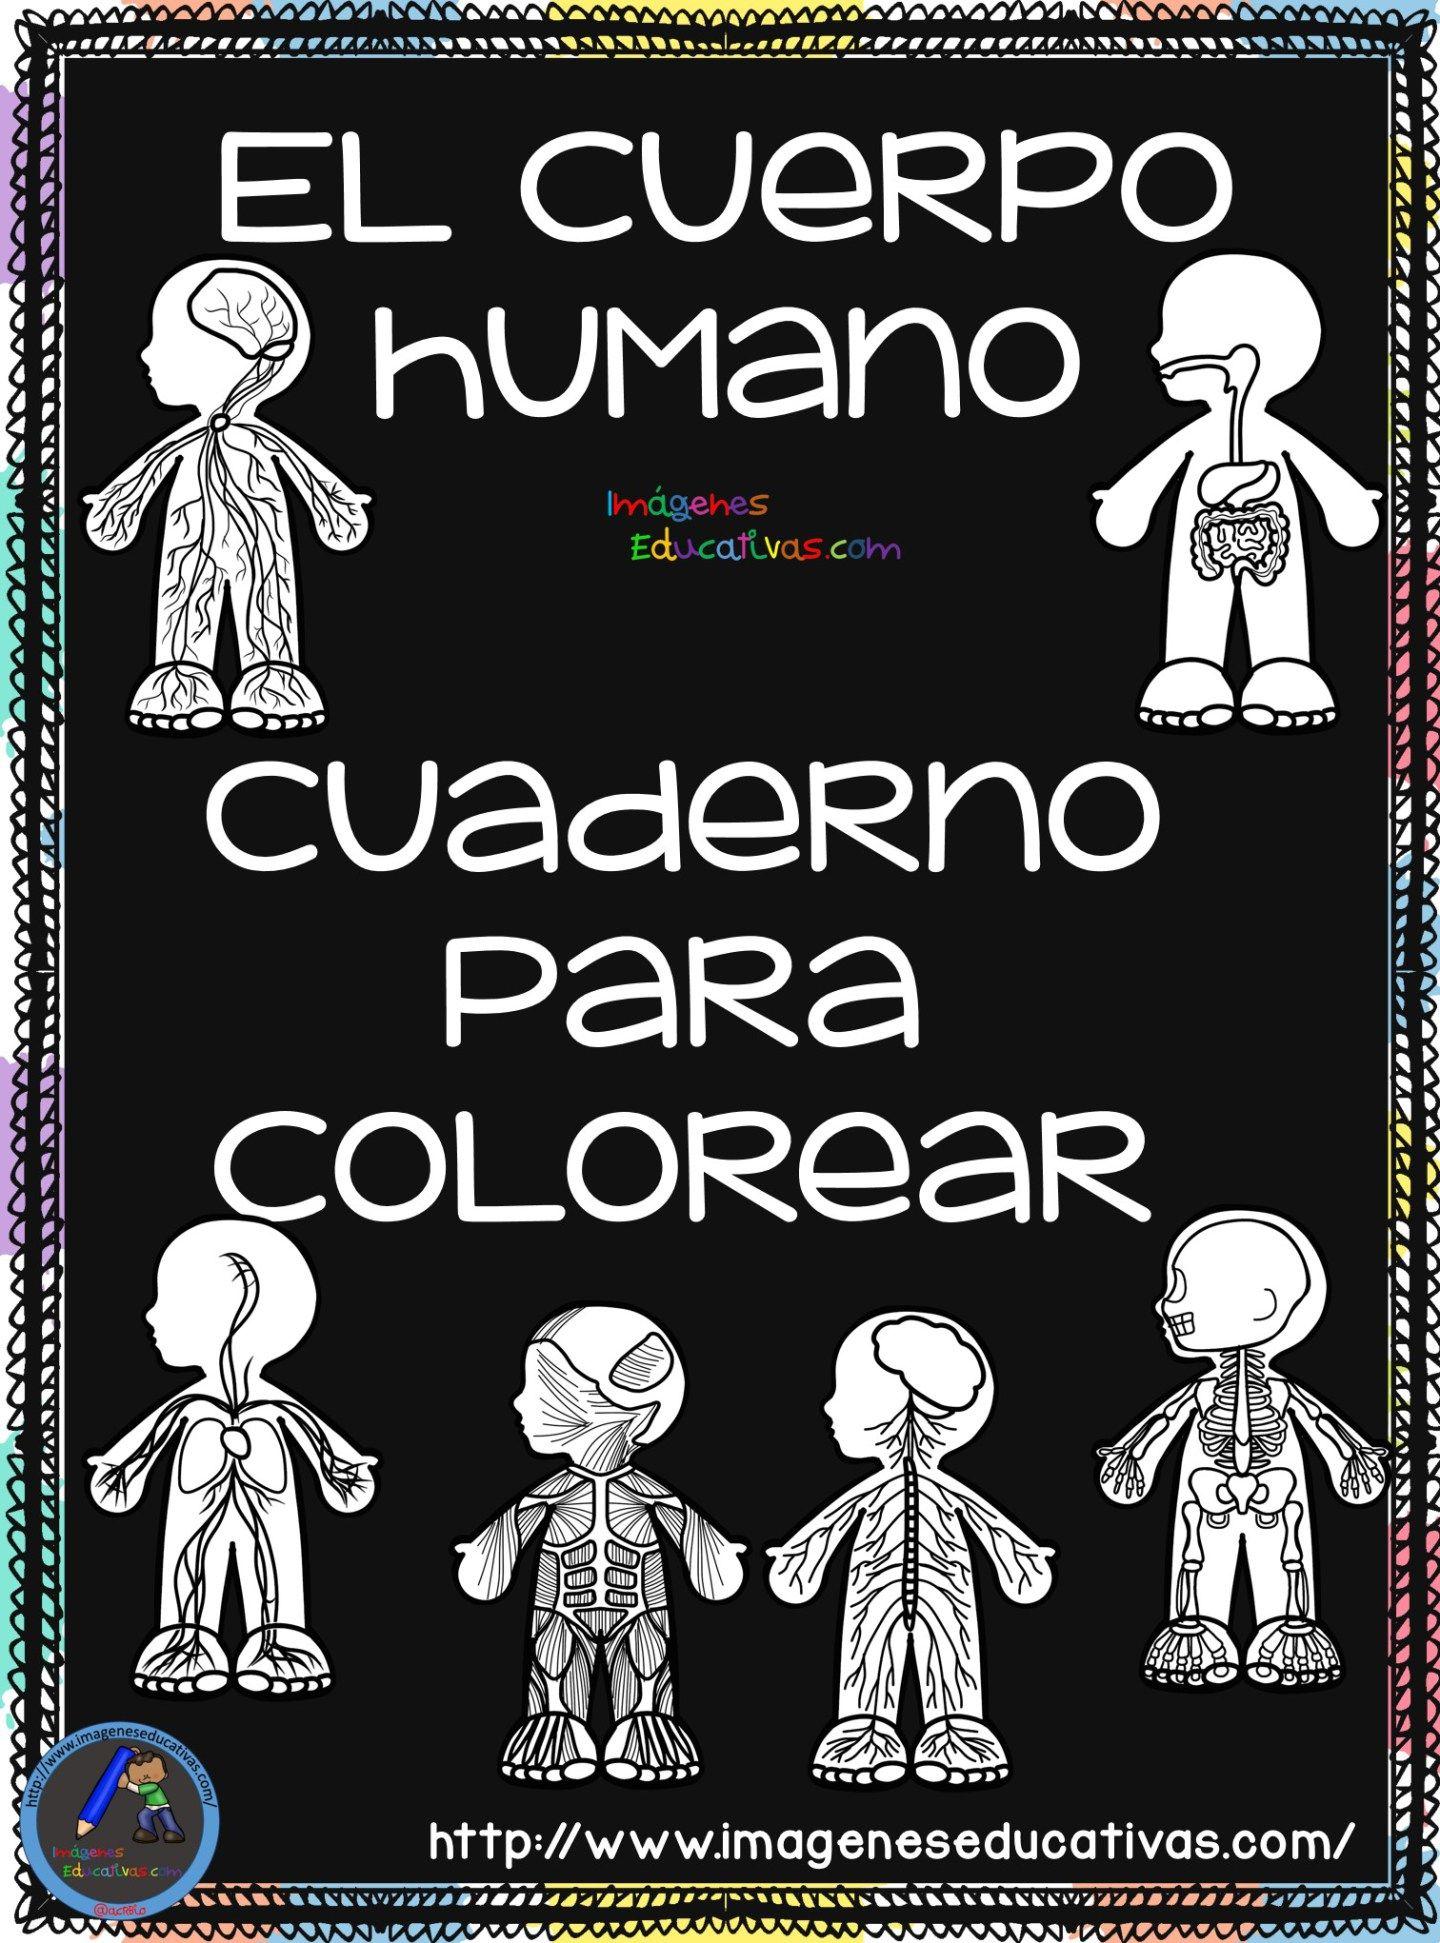 Cuaderno para colorear El Cuerpo Humano (1 | Cuerpo humano, Aparatos del cuerpo  humano y Sistemas del cuerpo humano